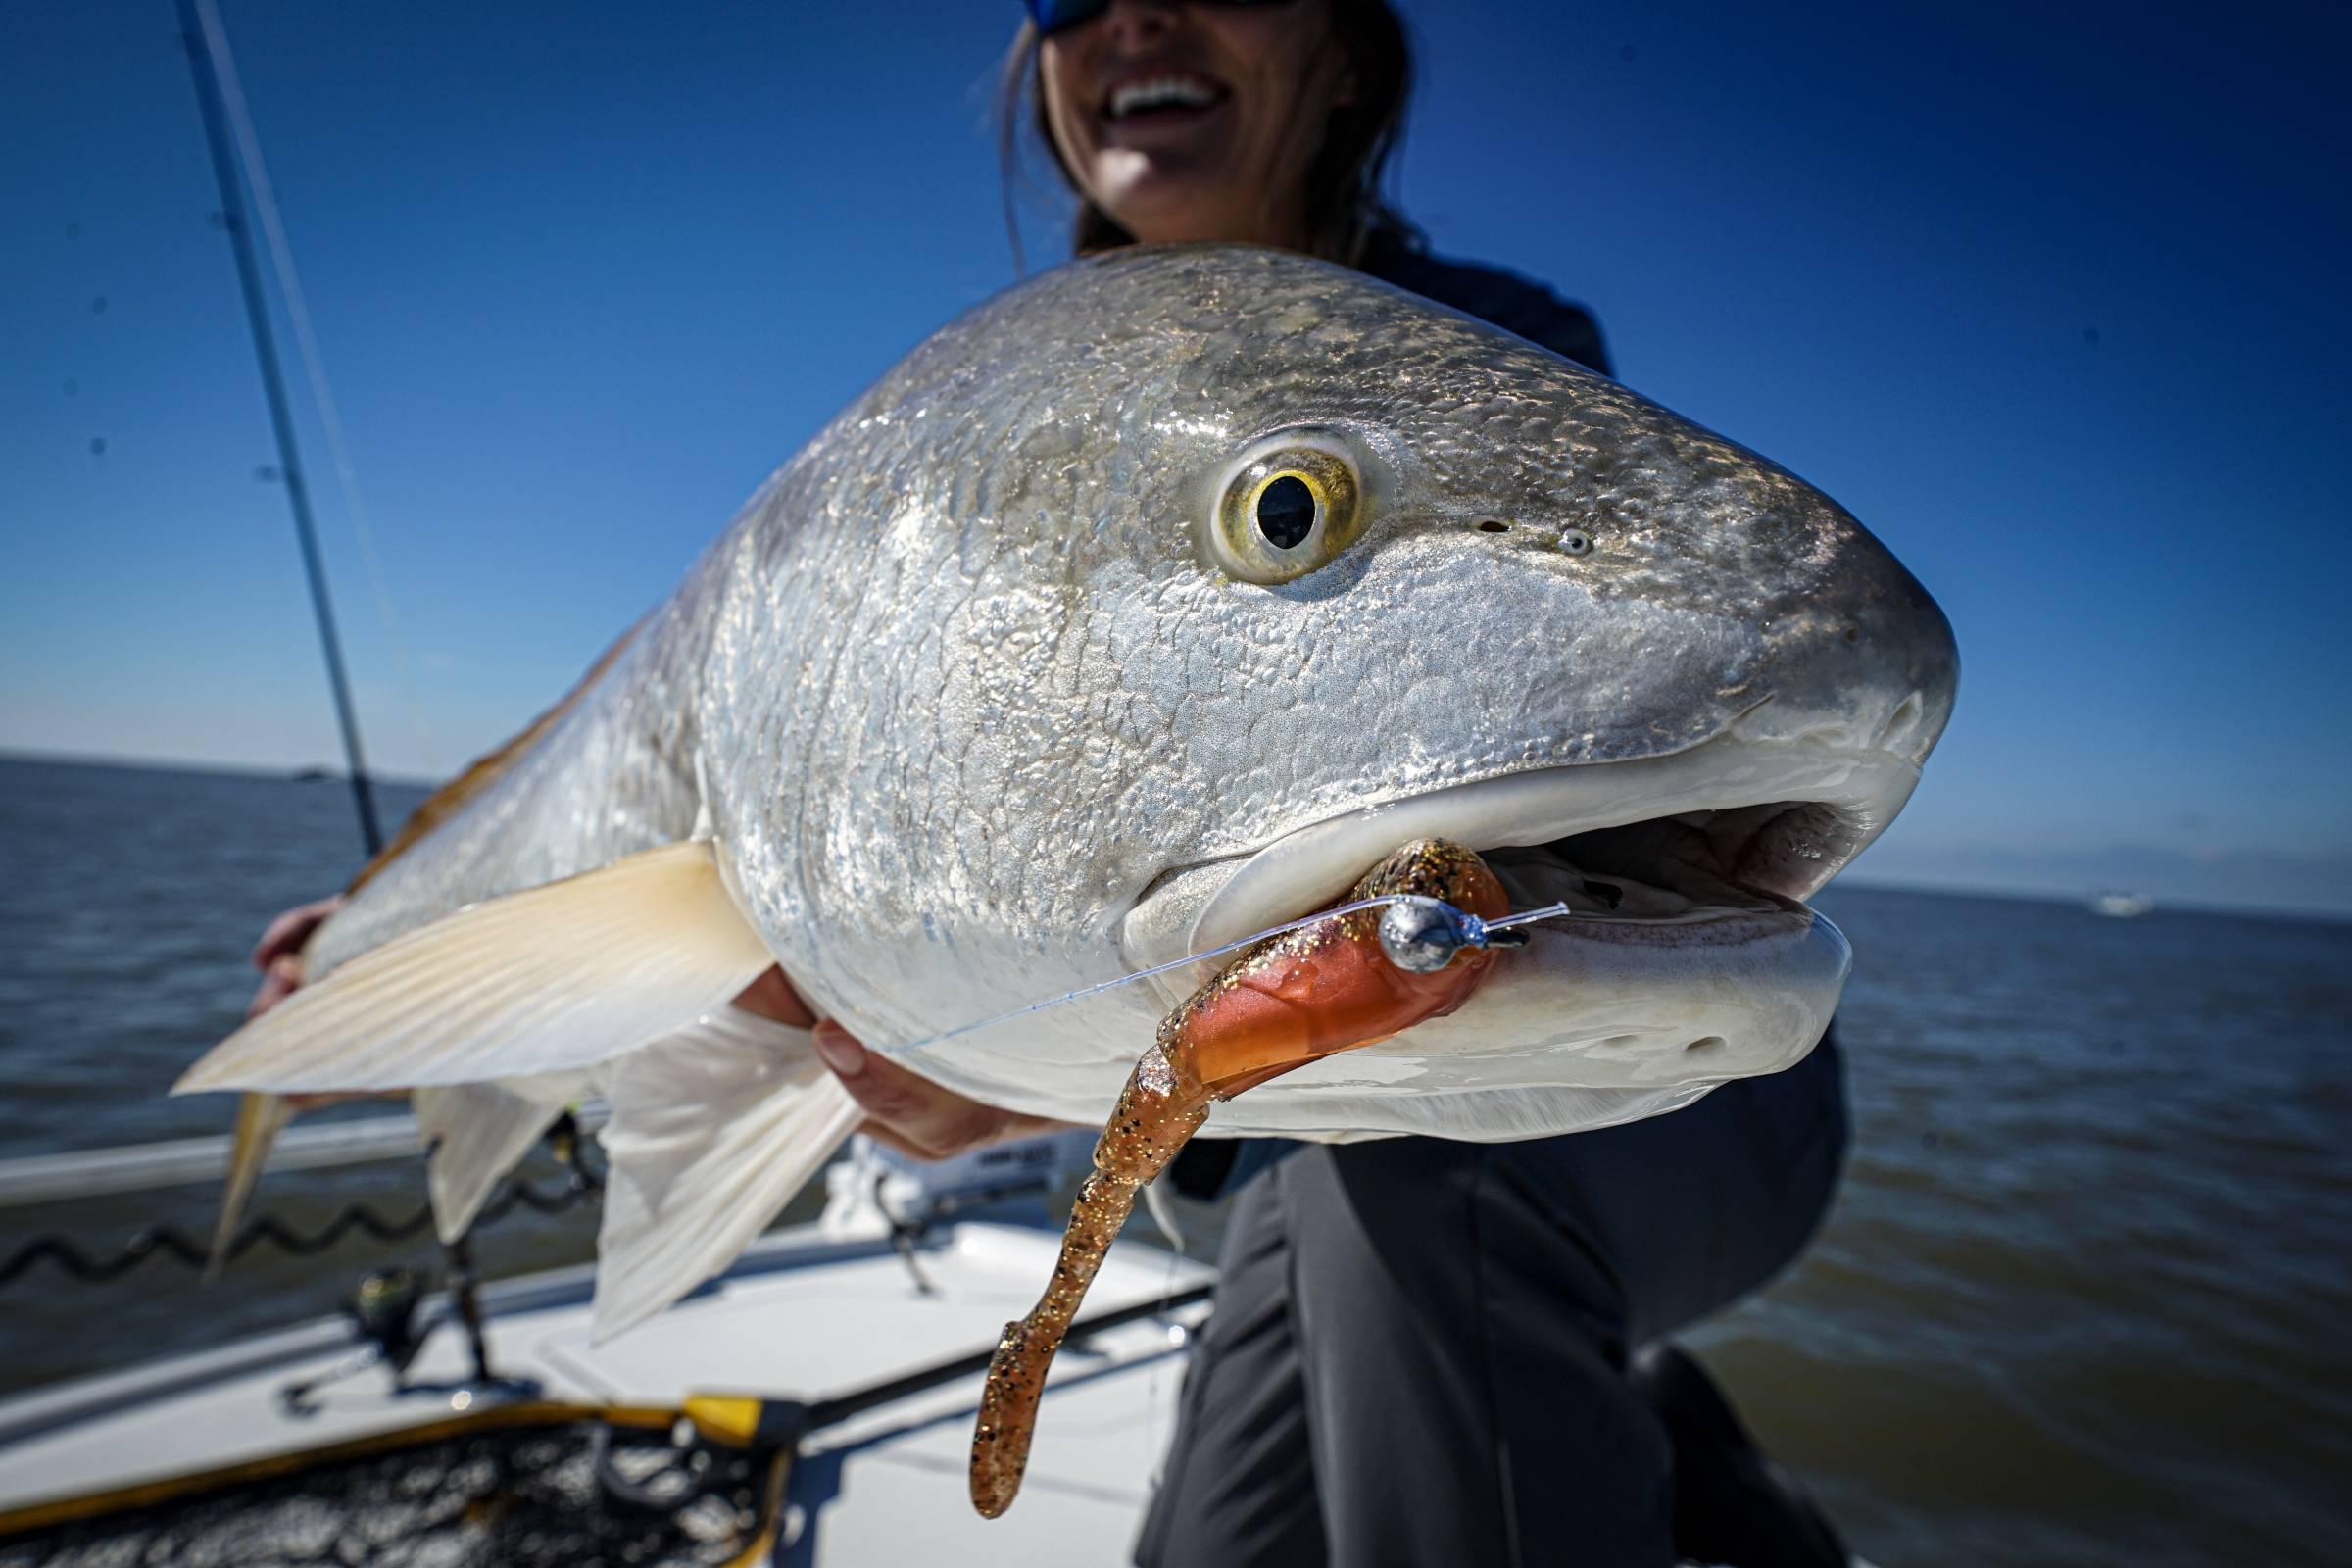 Florida redfishing